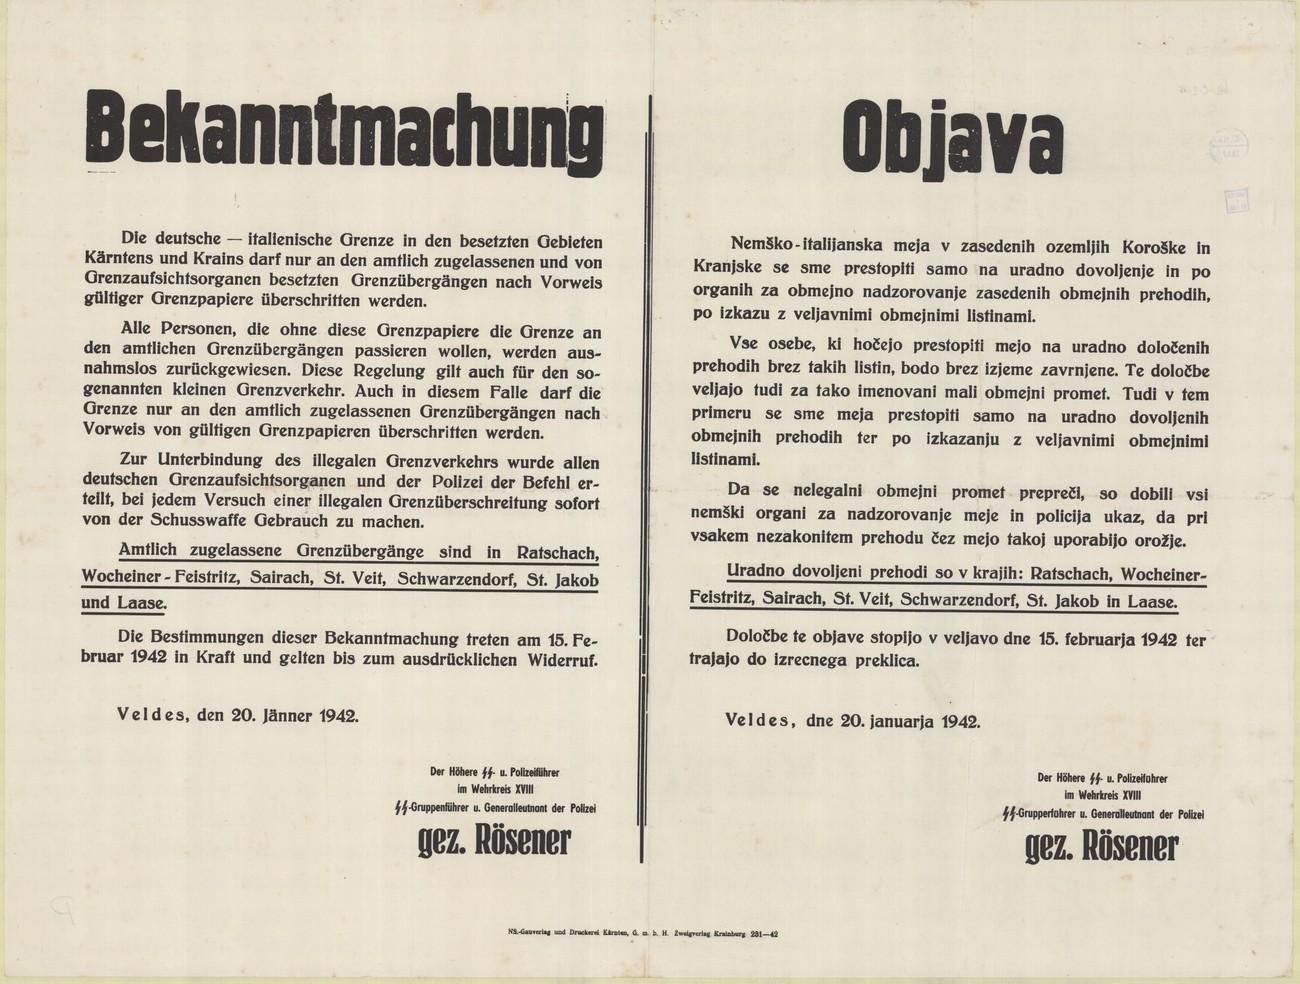 15. februarja 1942 je vstopila v veljavo določba, da se mejo lahko prehaja samo z uradnim dovoljenjem ter veljavnimi obmejnimi listinami. V objavi je vidno, da je bil uradni mejni prehod tudi v Žireh. SI ZAL ŠKL, 0268, 79, OK-C-15.